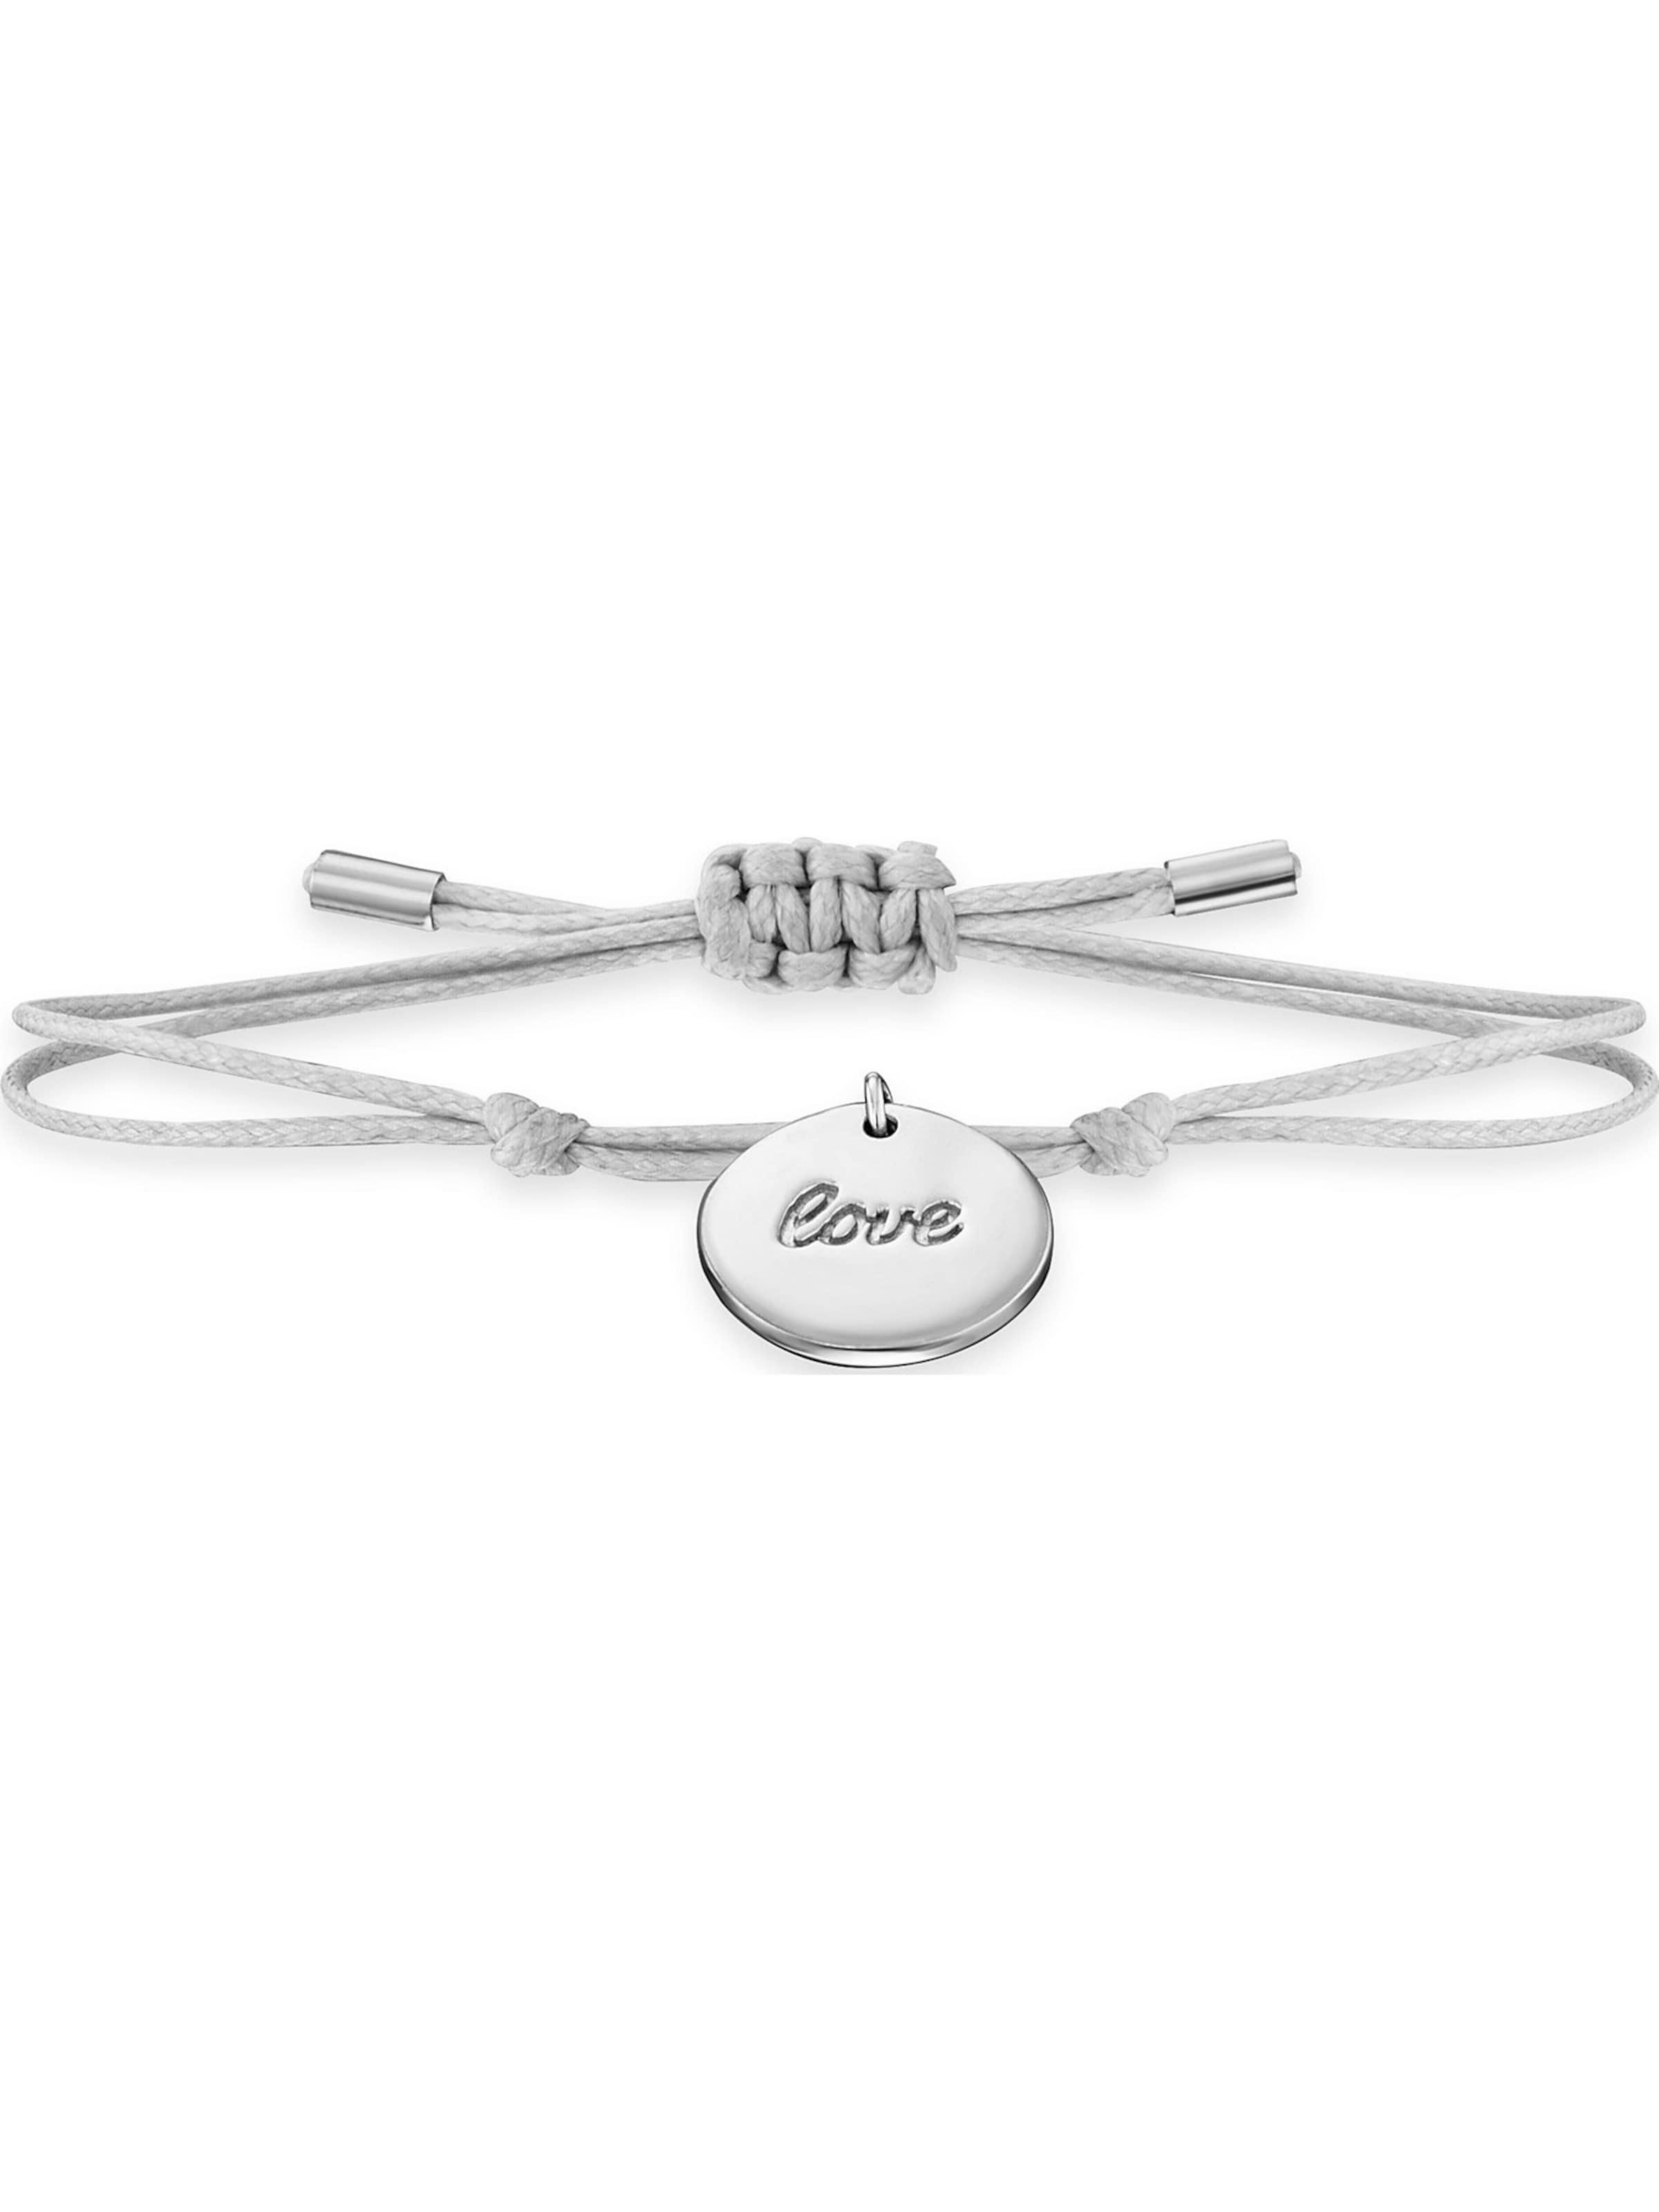 Caï In Armband Silber Armband In Caï Silber Armband In Caï Silber rCxQdBeWoE